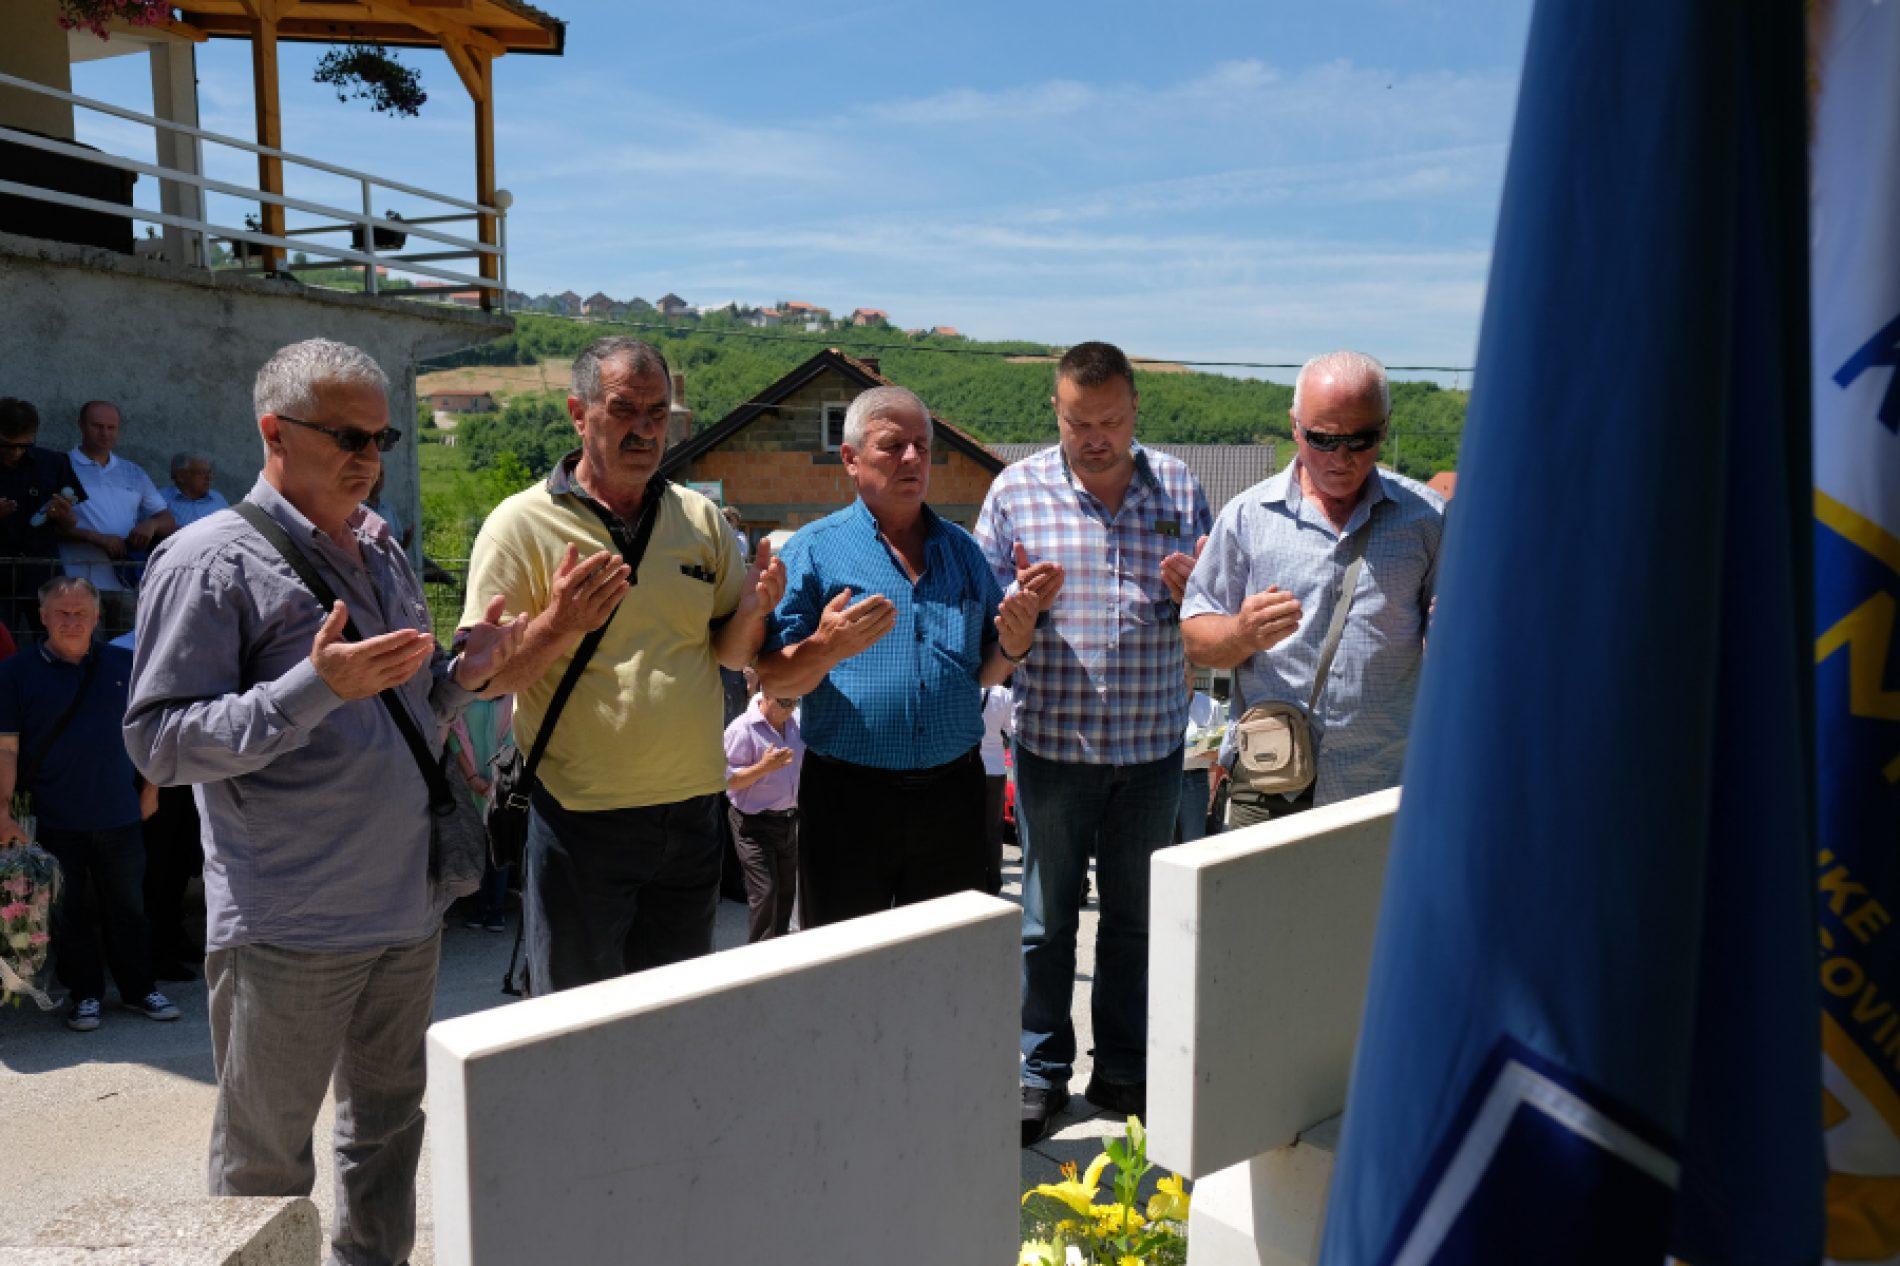 Obilježena godišnjica bitke za oslobađanje Mijatovića kose: Sjećanje na ratnog heroja Safeta Isovića i njegove saborce